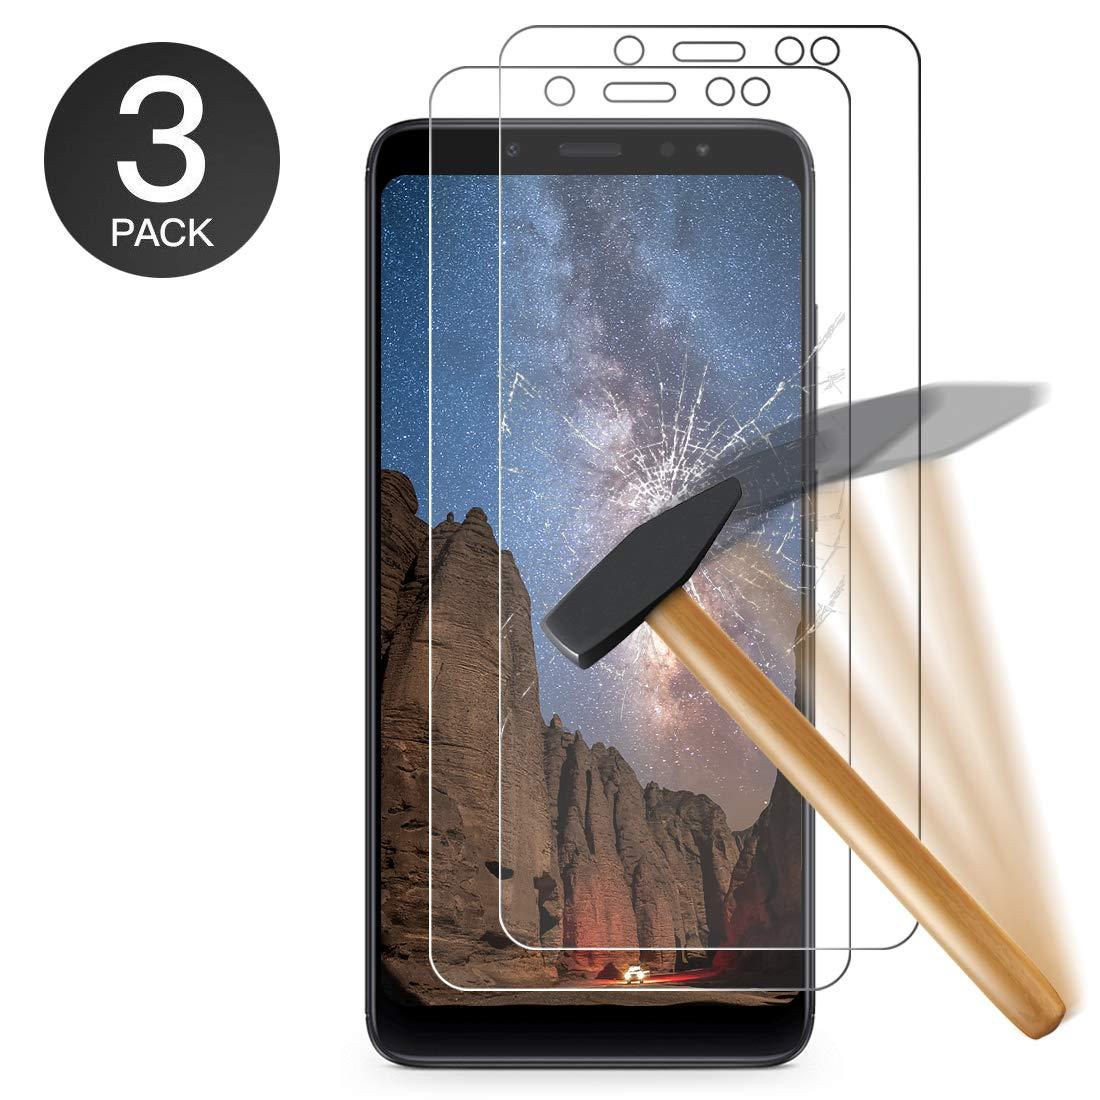 Zloer [3 pièces] Verre Trempé Xiaomi Redmi Note 5, Film Protection en Verre Trempé - [3D Couverture Complète] [Ultra Résistant Dureté 9H] [sans Bulles] [Ultra Claire] - pour Xiaomi Redmi Note 5